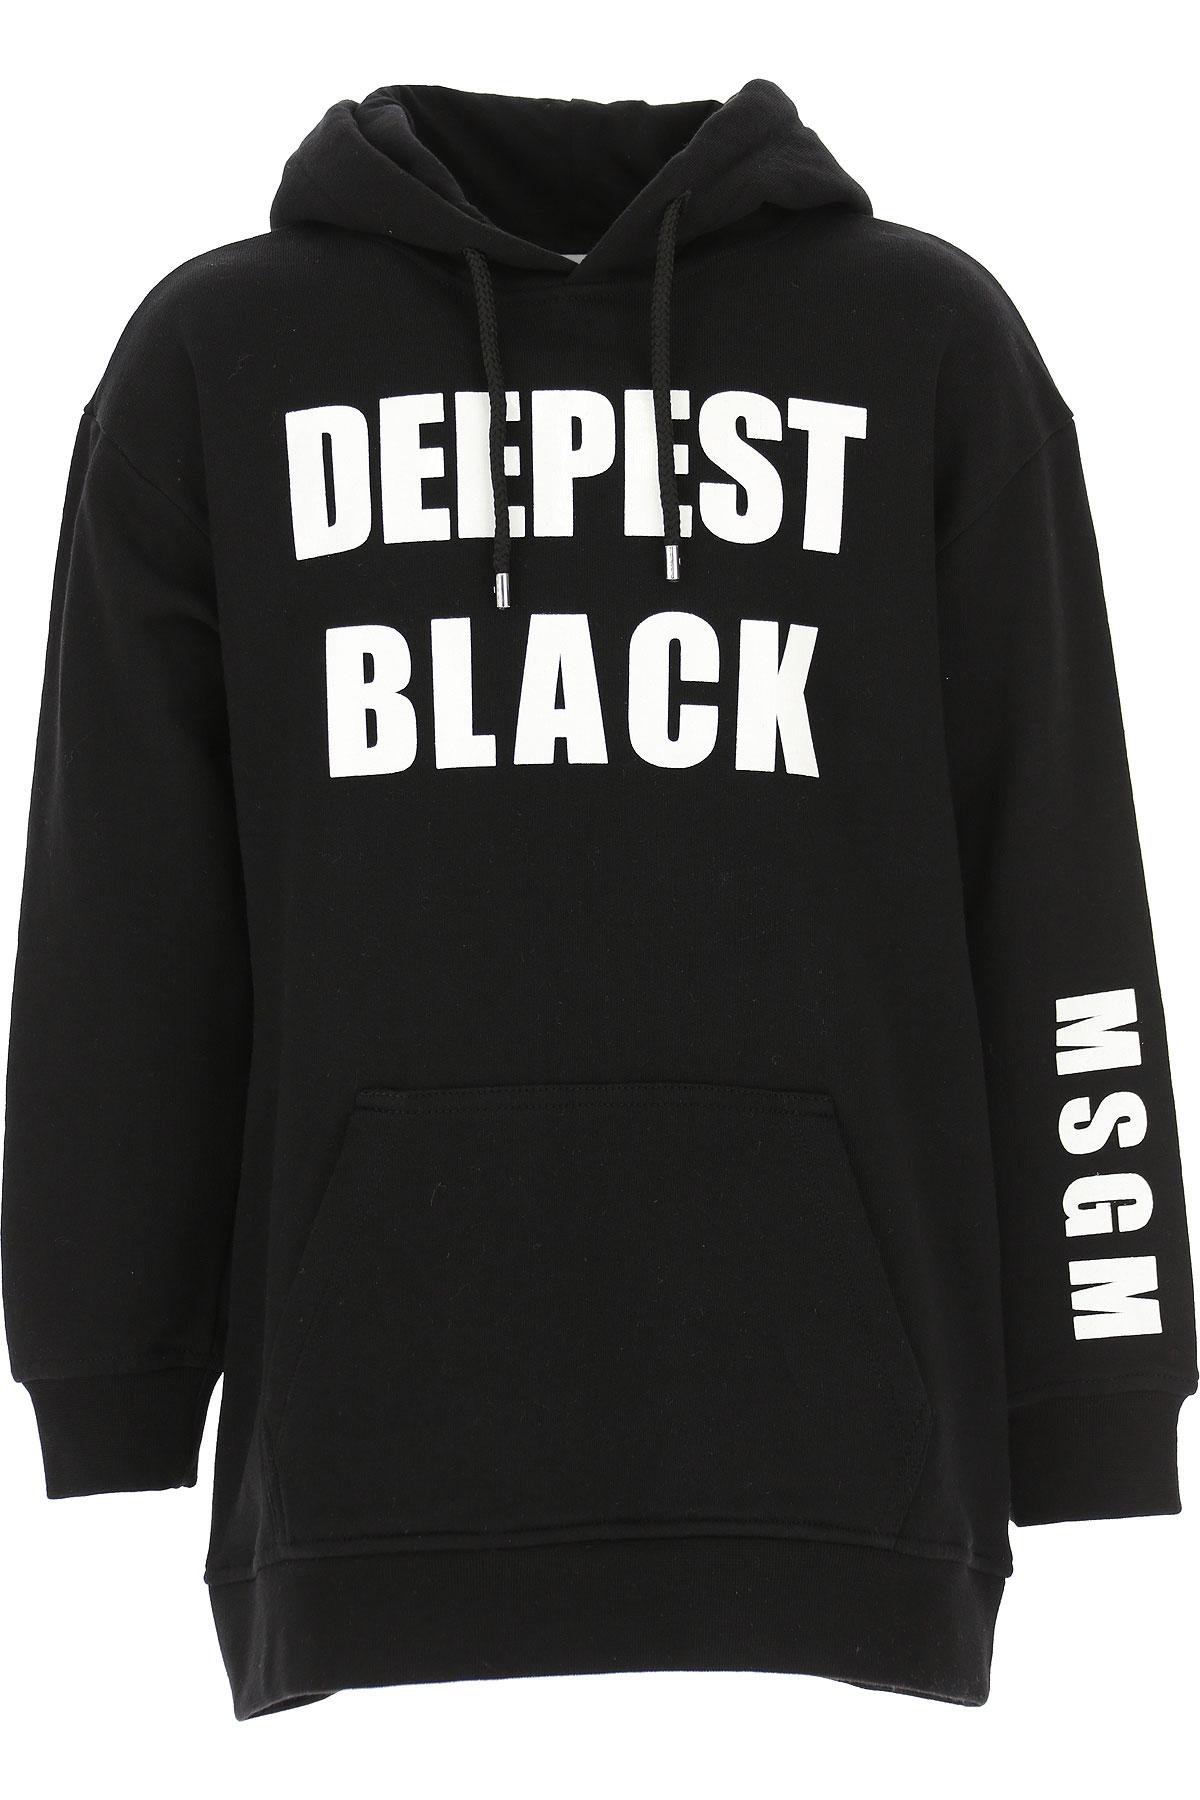 MSGM Kids Sweatshirts & Hoodies for Girls, Black, Cotton, 2017, 10Y 14Y 4Y 6Y 8Y